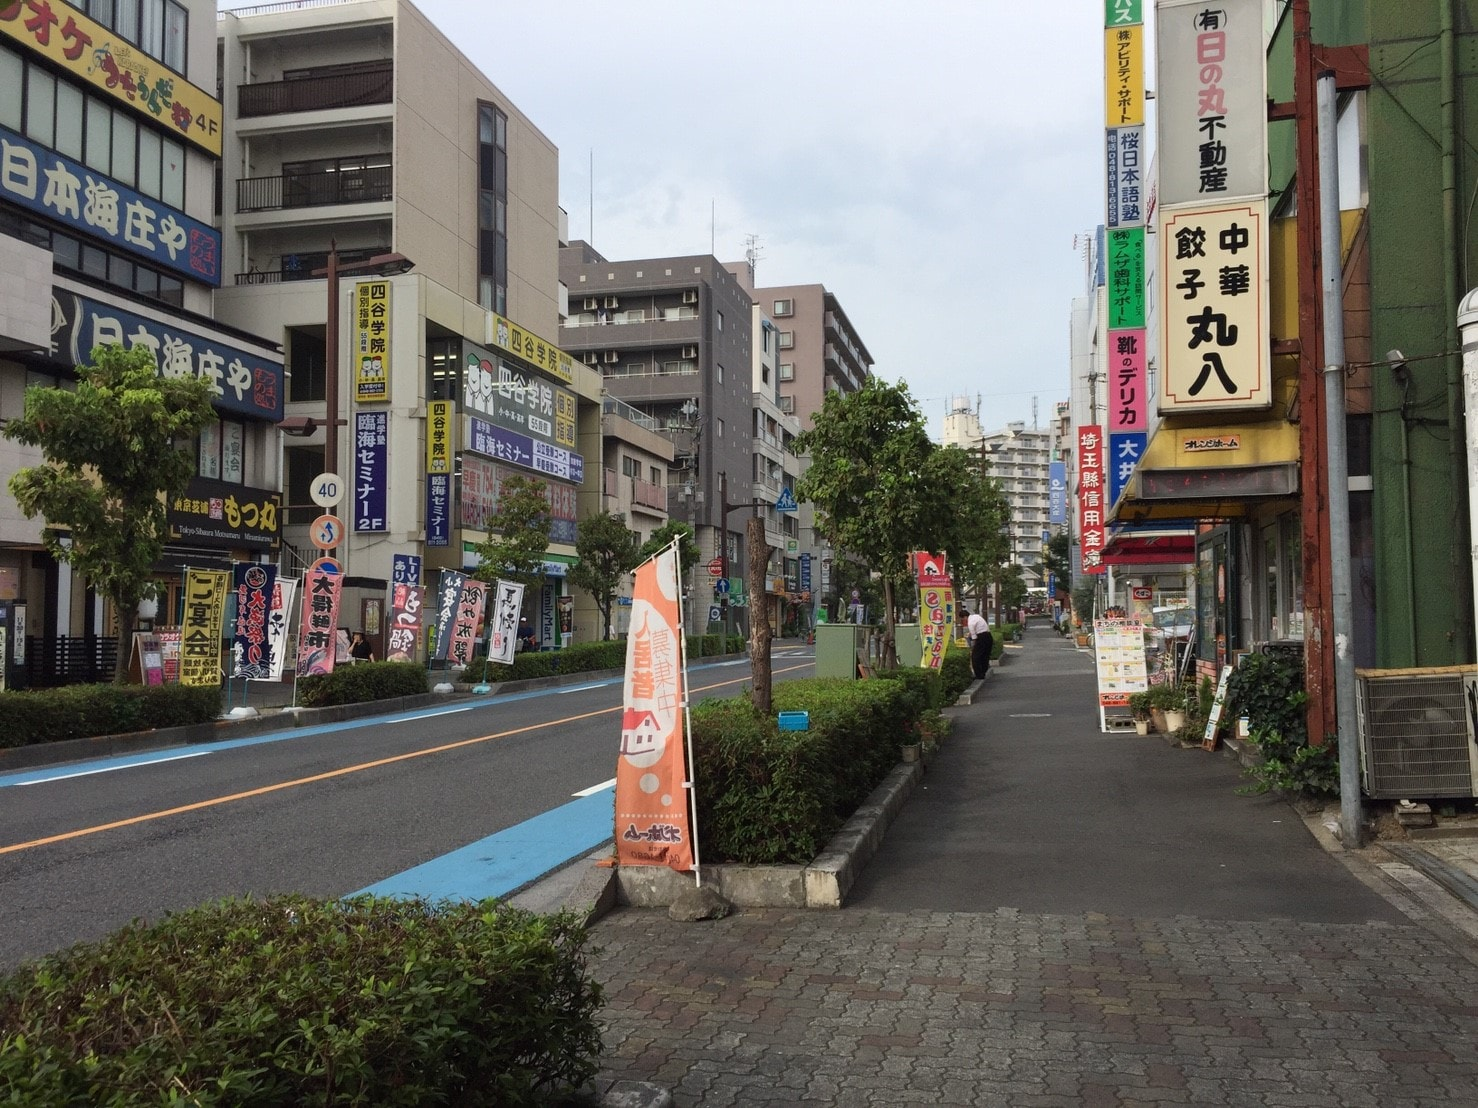 南浦和駅周辺のメインストリート